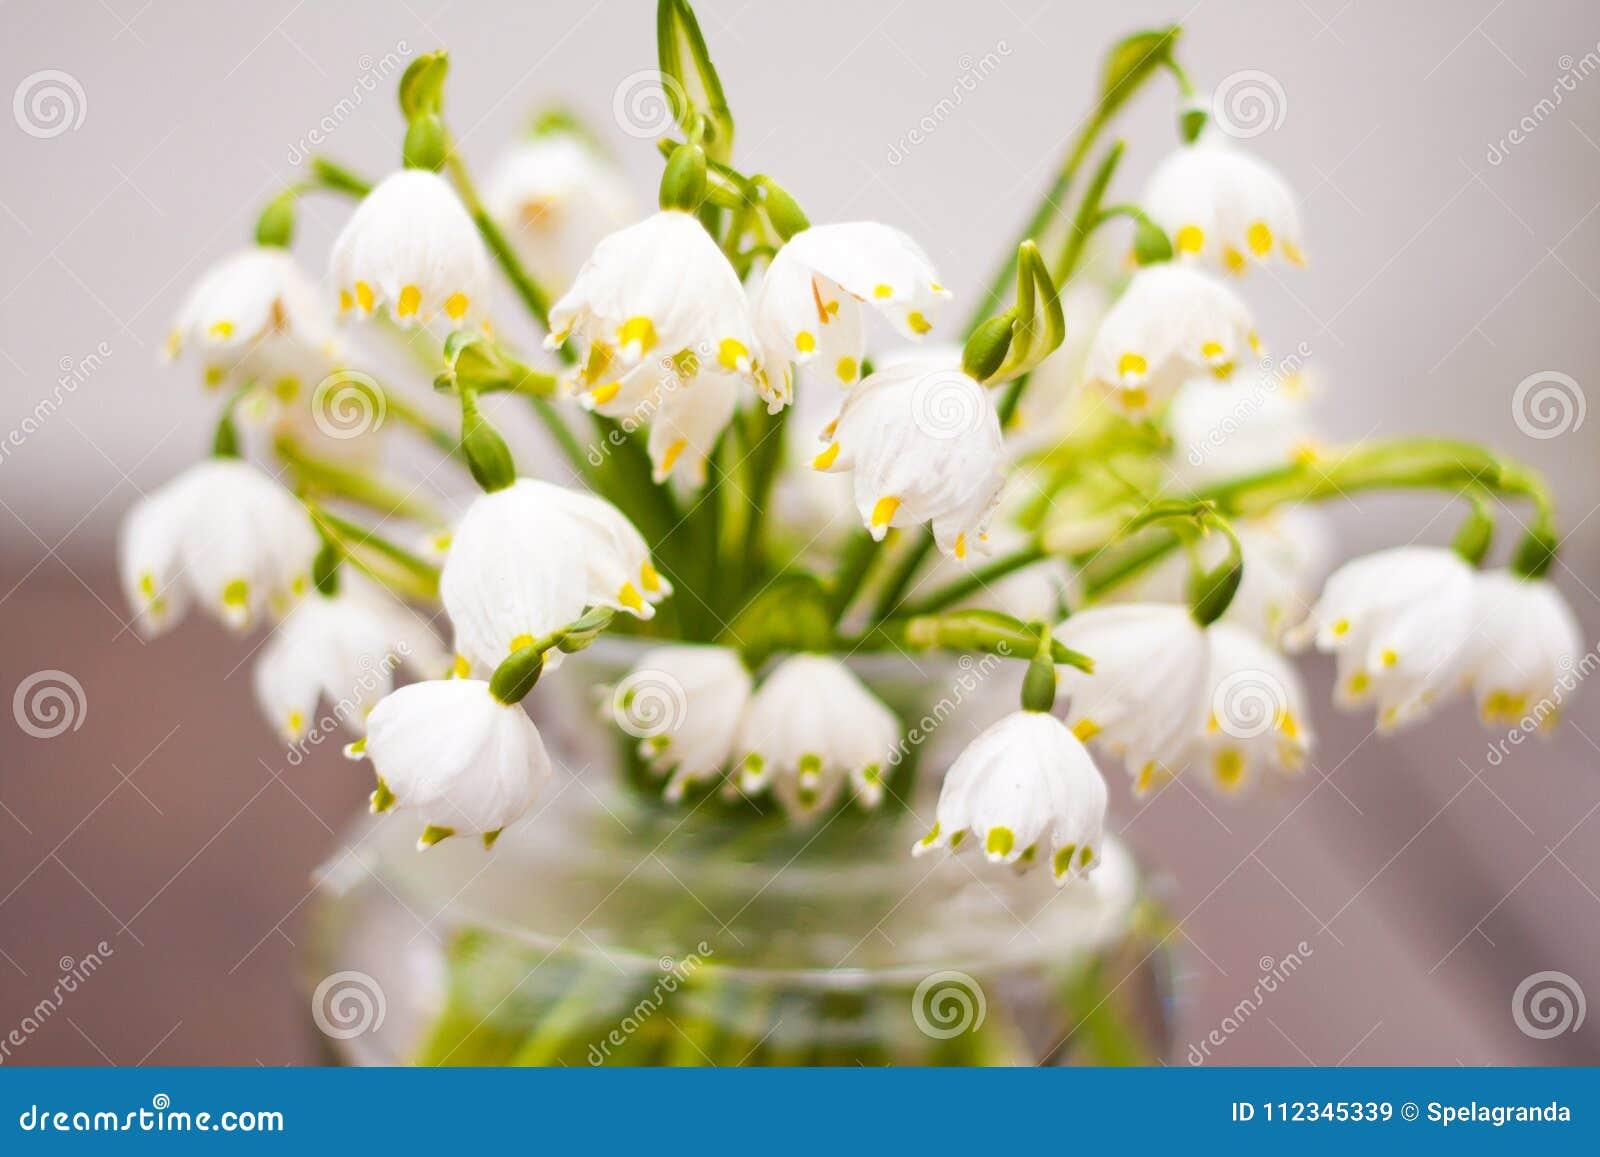 Τα πρώτα λουλούδια της άνοιξη